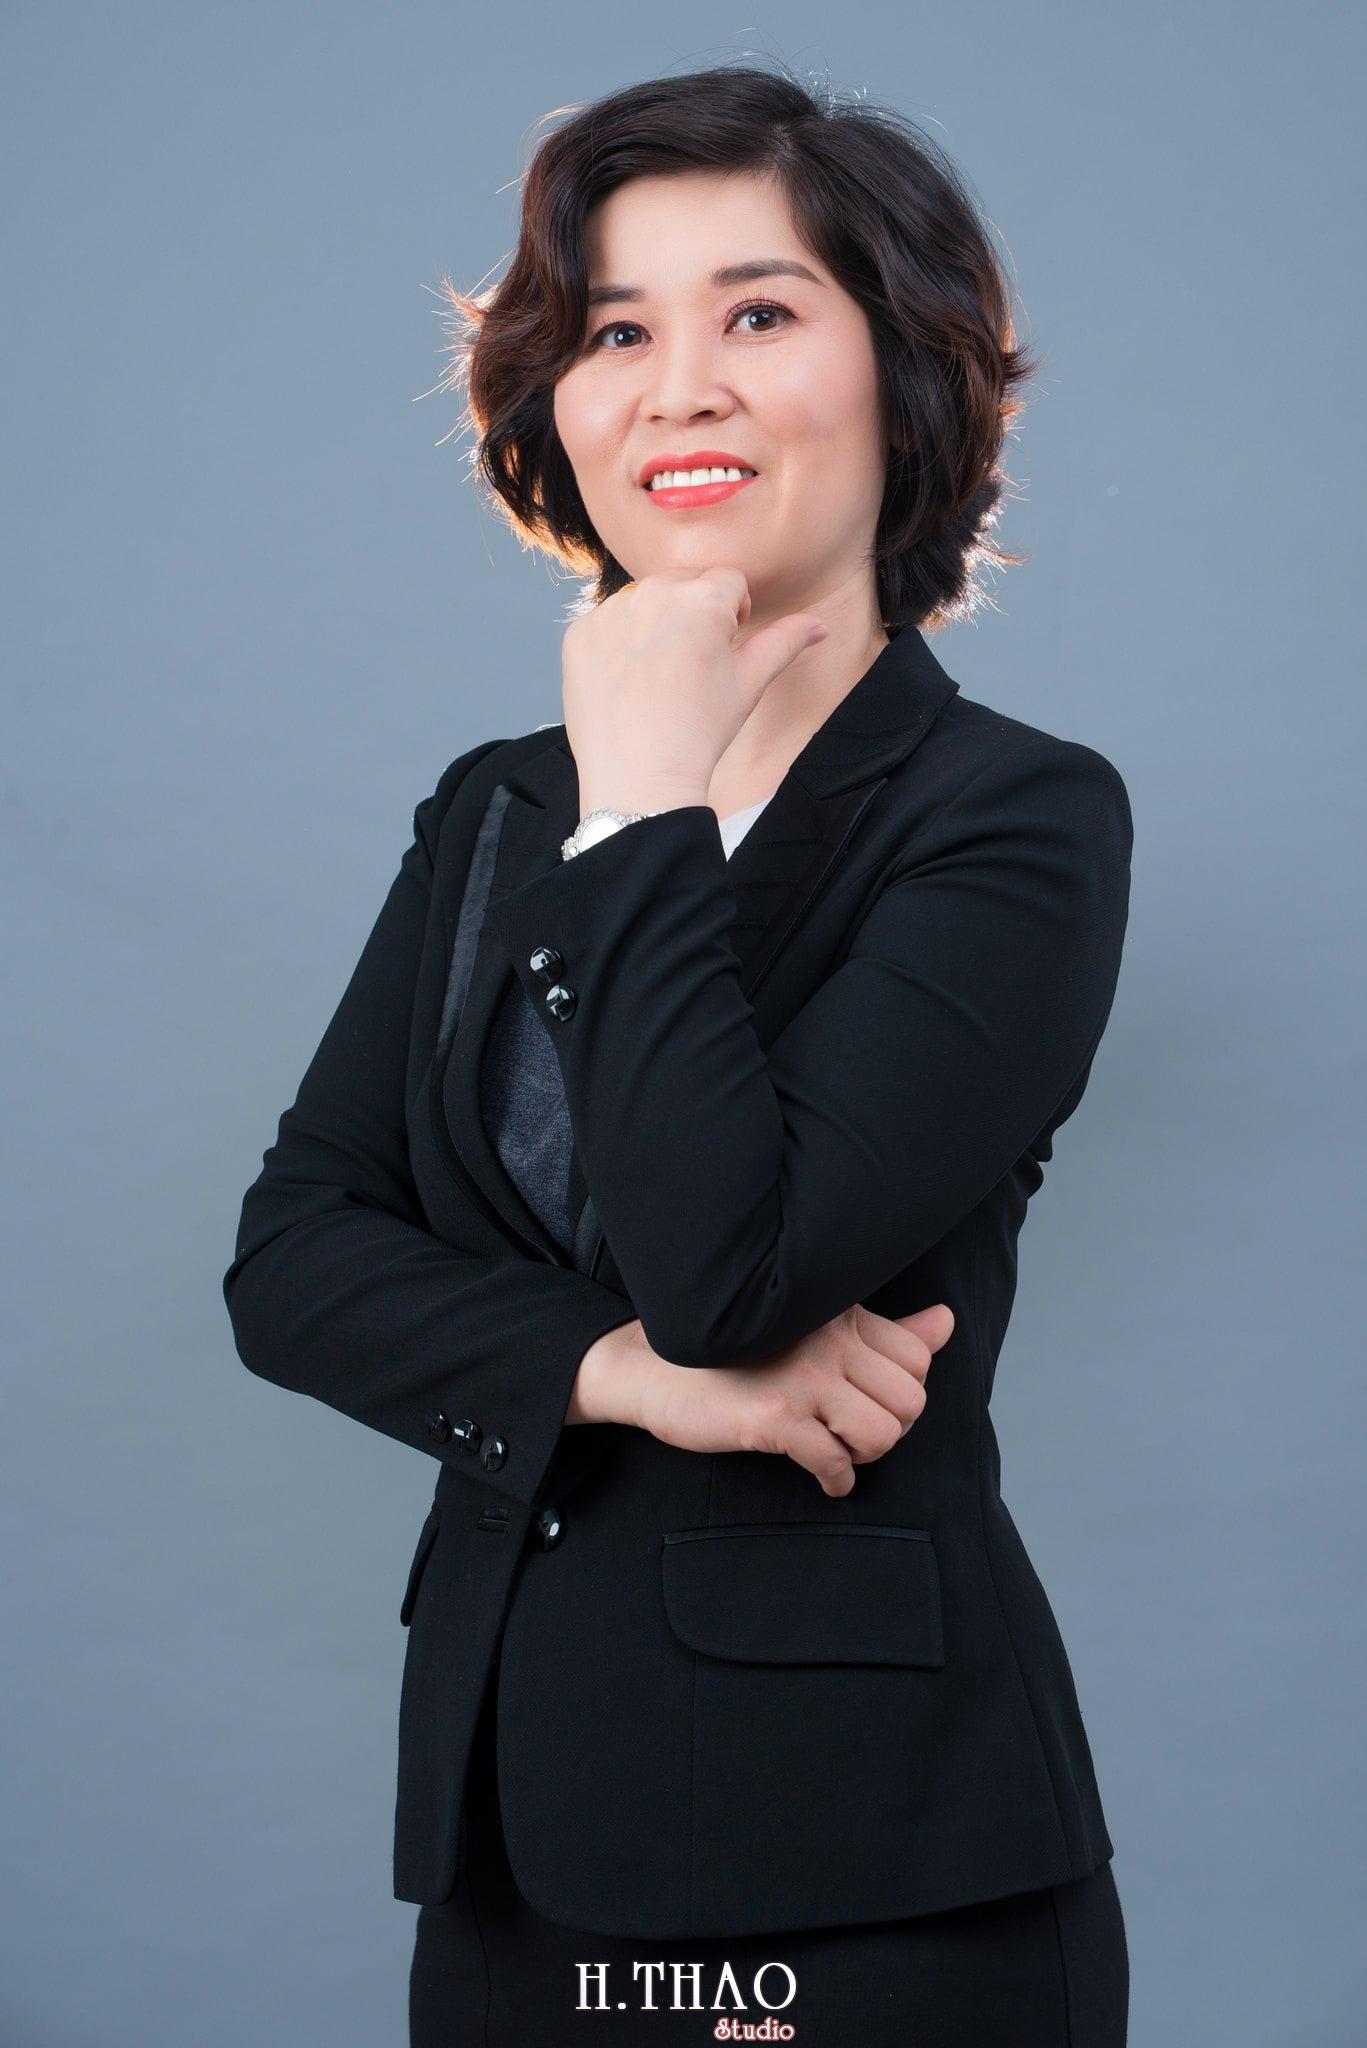 chan dung nu 7 - Album ảnh doanh nhân chị Quỳnh sang trọng, quý phái - HThao Studio